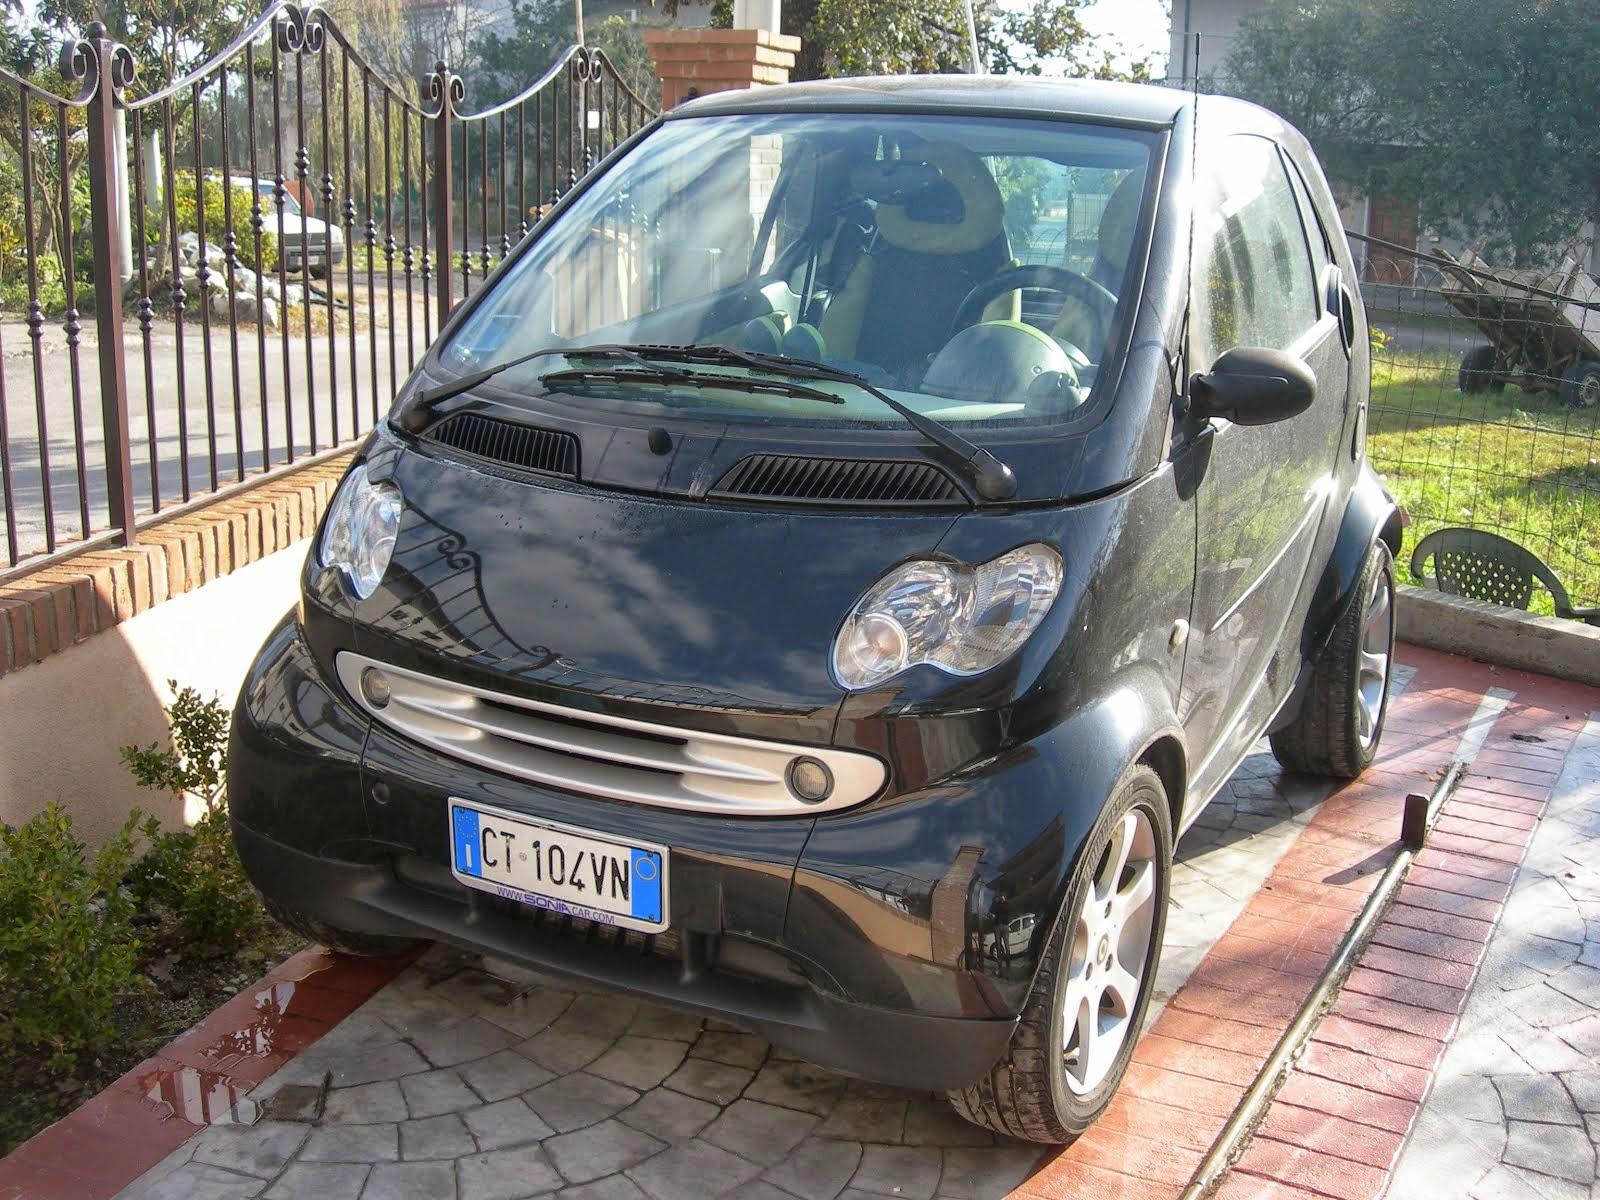 Smart 700 benzina Modello Passion Cerchi in lega-clima- Contattare per Prezzo